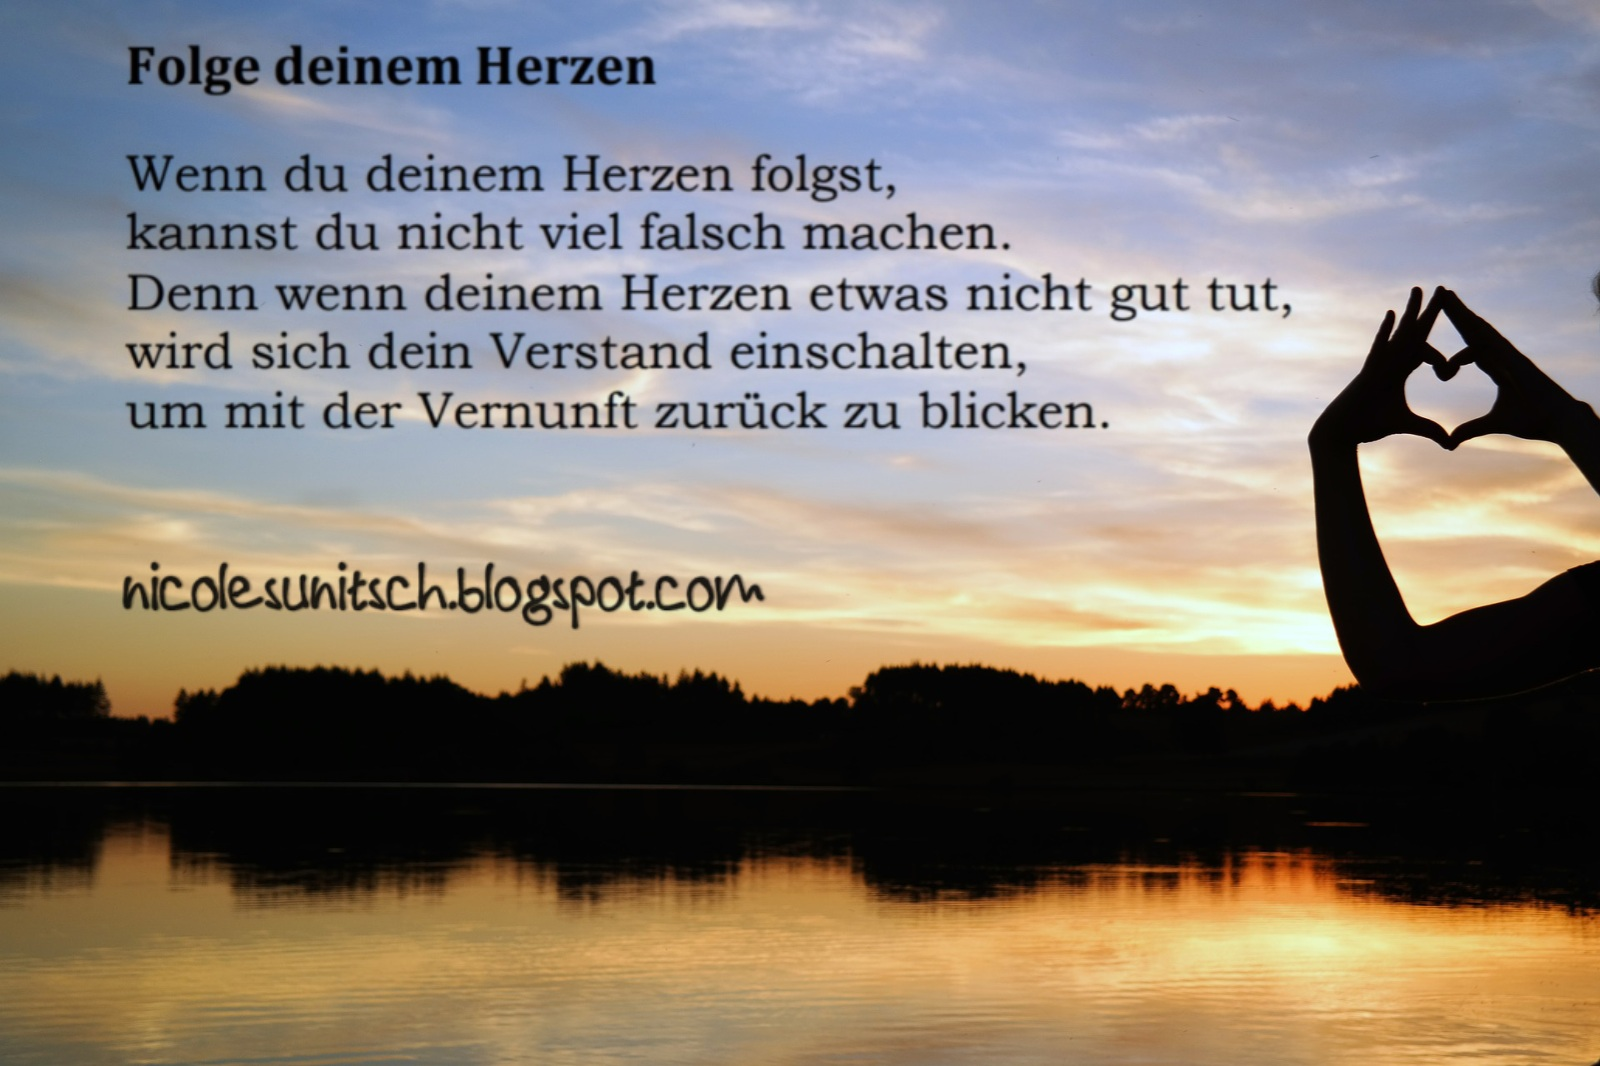 Gedichte Von Nicole Sunitsch Autorin Spruche Folge Deinem